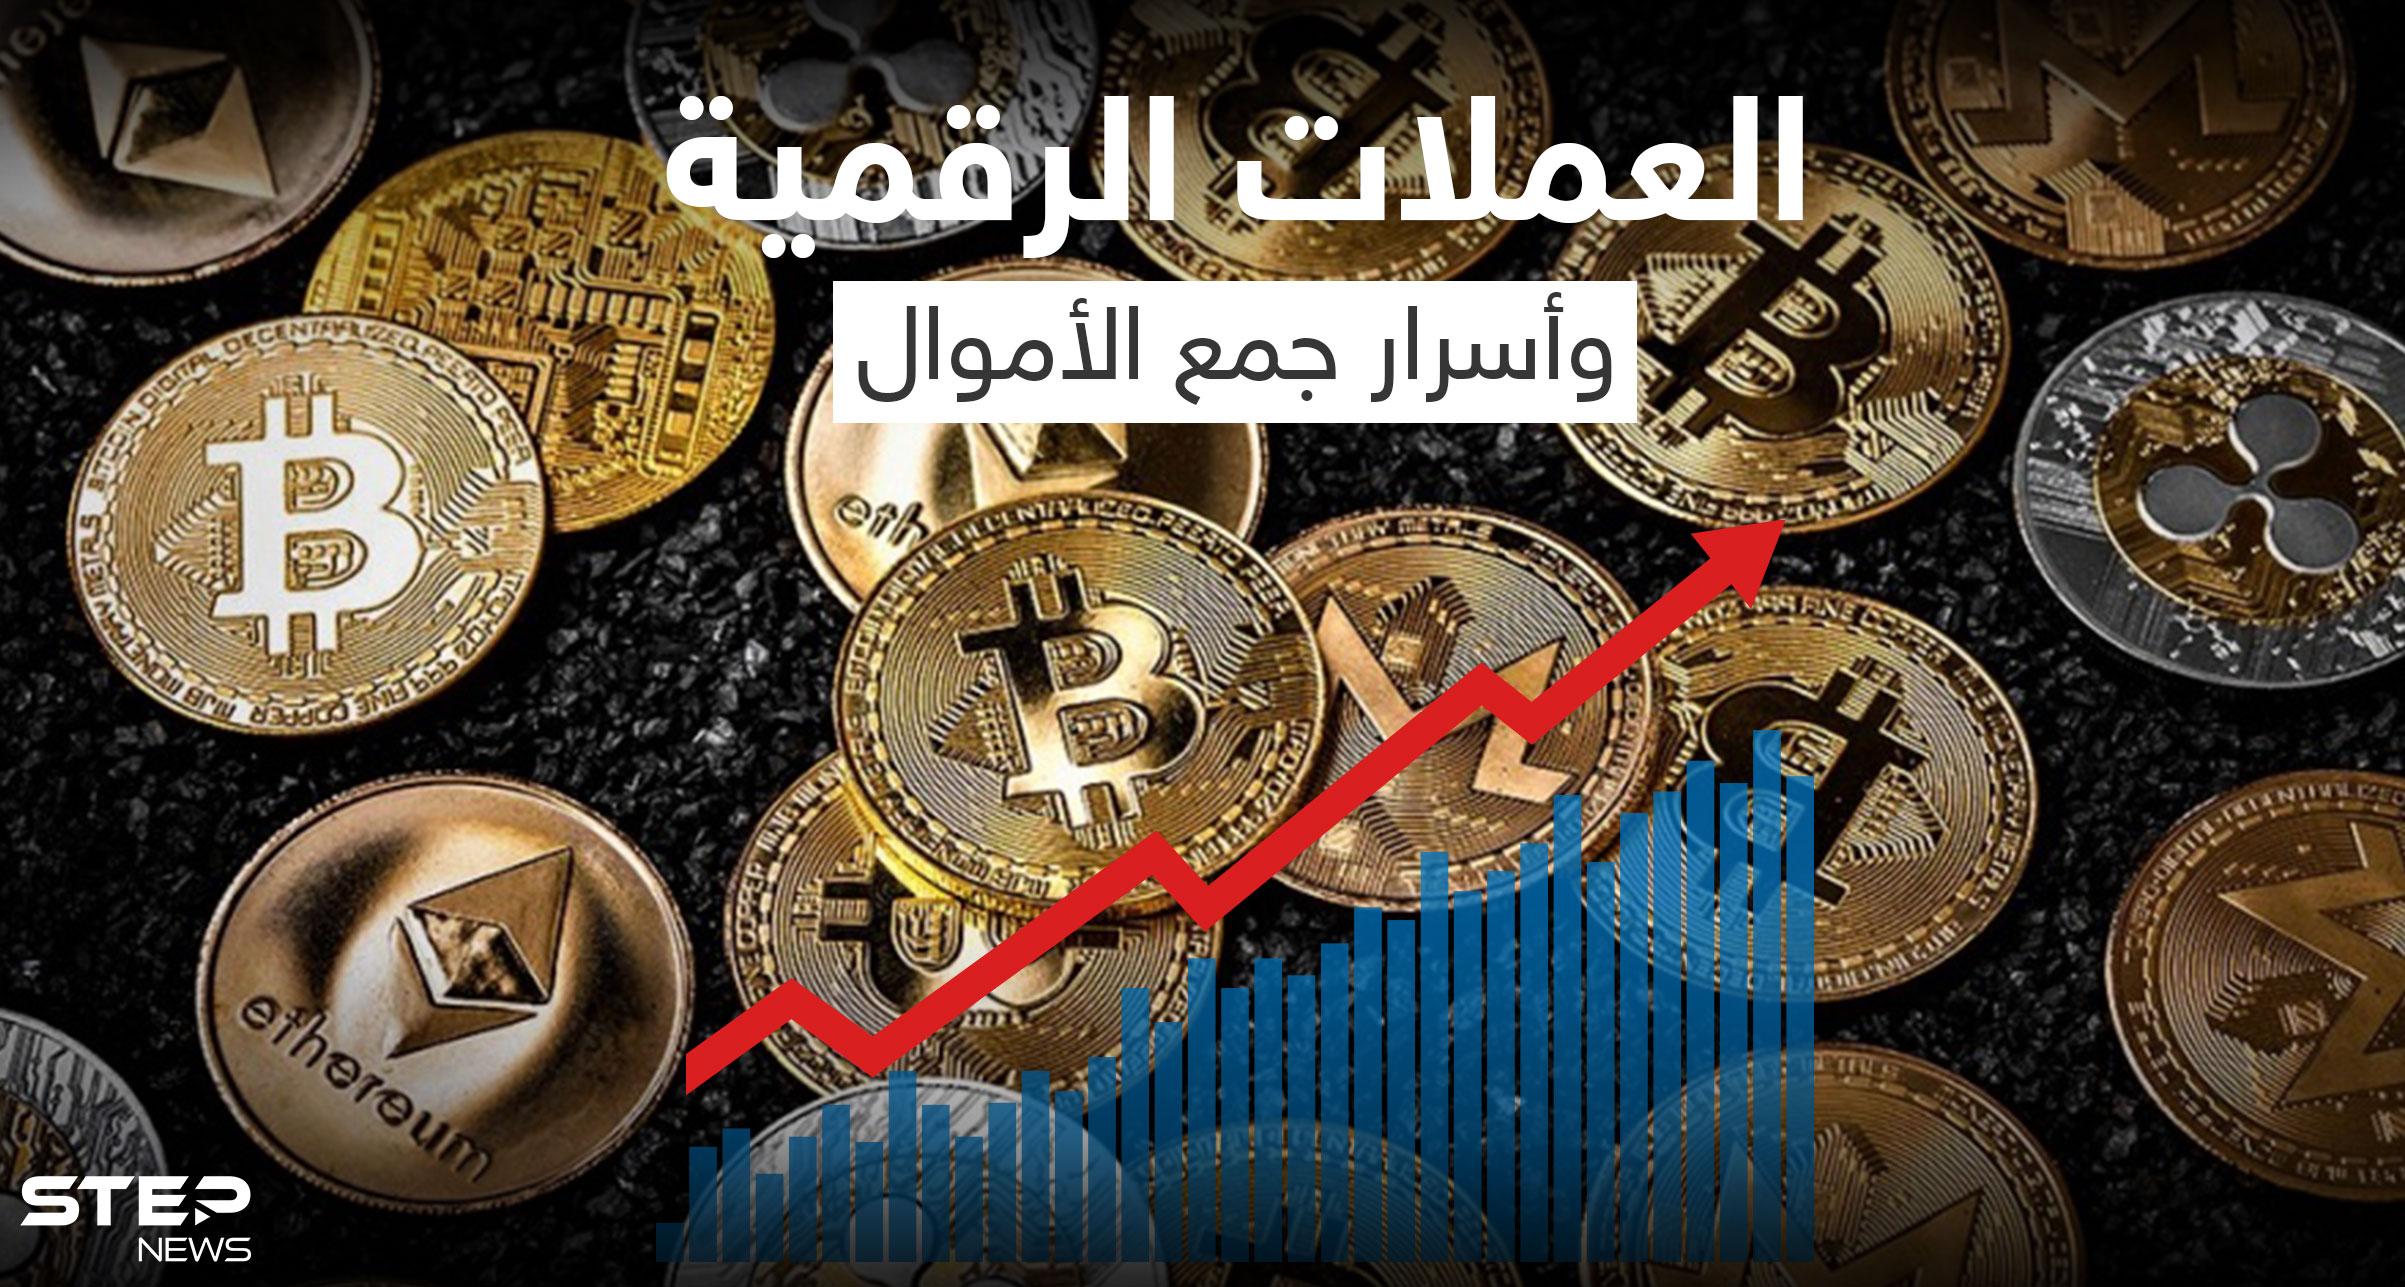 ما الذي يجب أن يعرفه الفرد قبل التعامل مع العملات الرقمية.. وما أفضلها للاستثمار وجني الأموال!؟